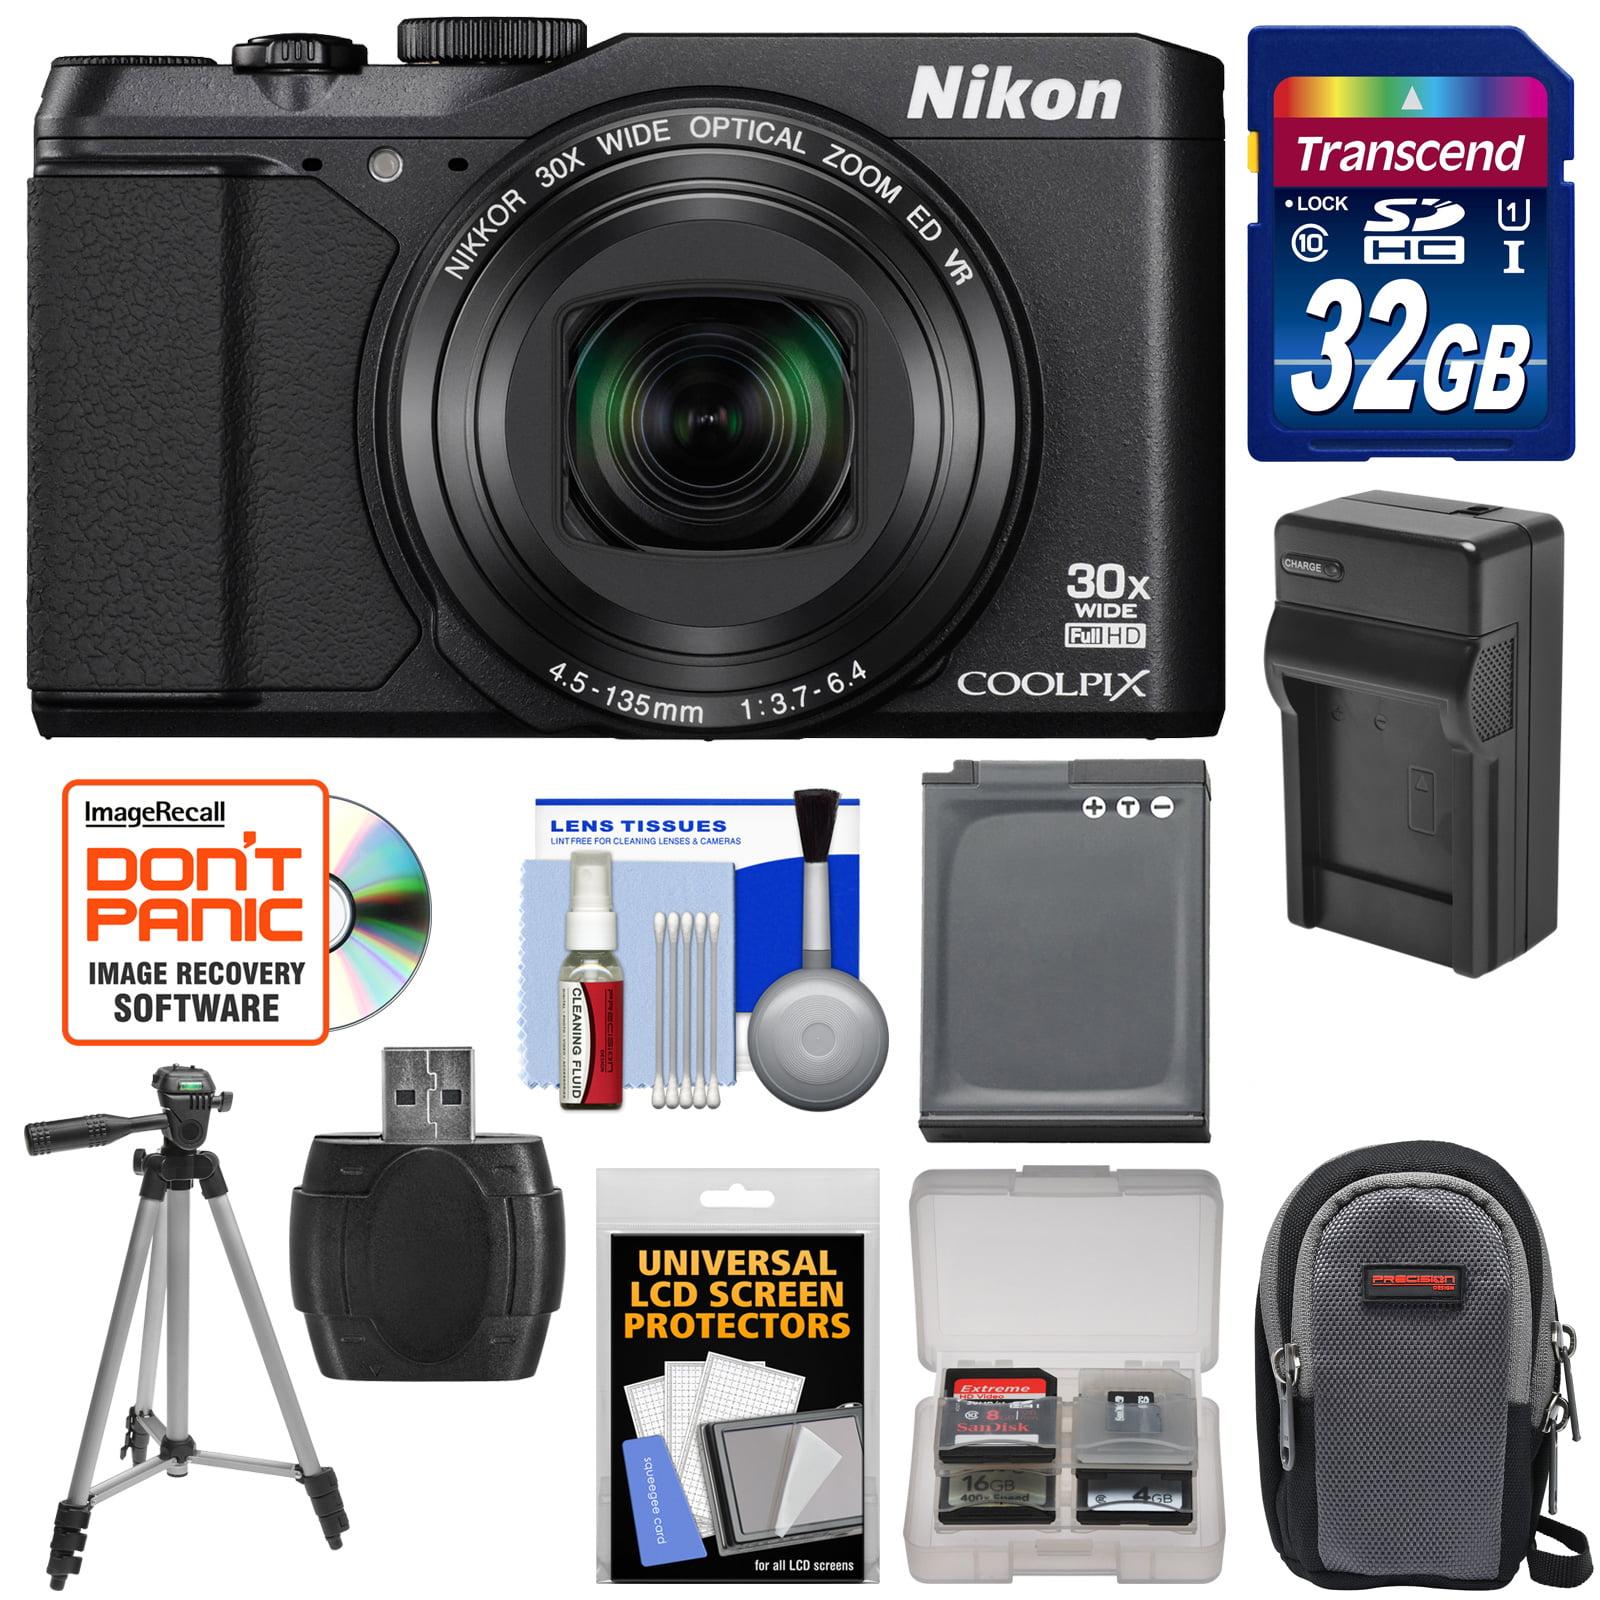 Nikon Coolpix S9900 Wi-Fi GPS Digital Camera (Black